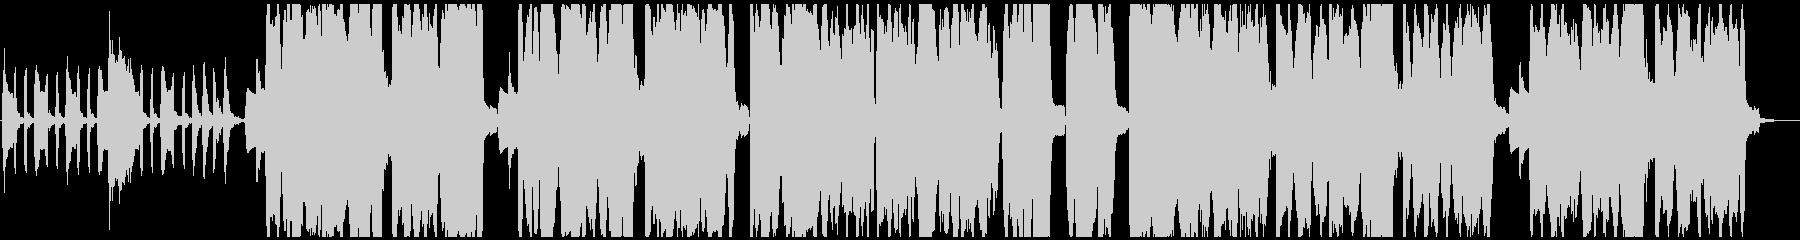 少しコミカルな三拍子のハロウィン風BGMの未再生の波形